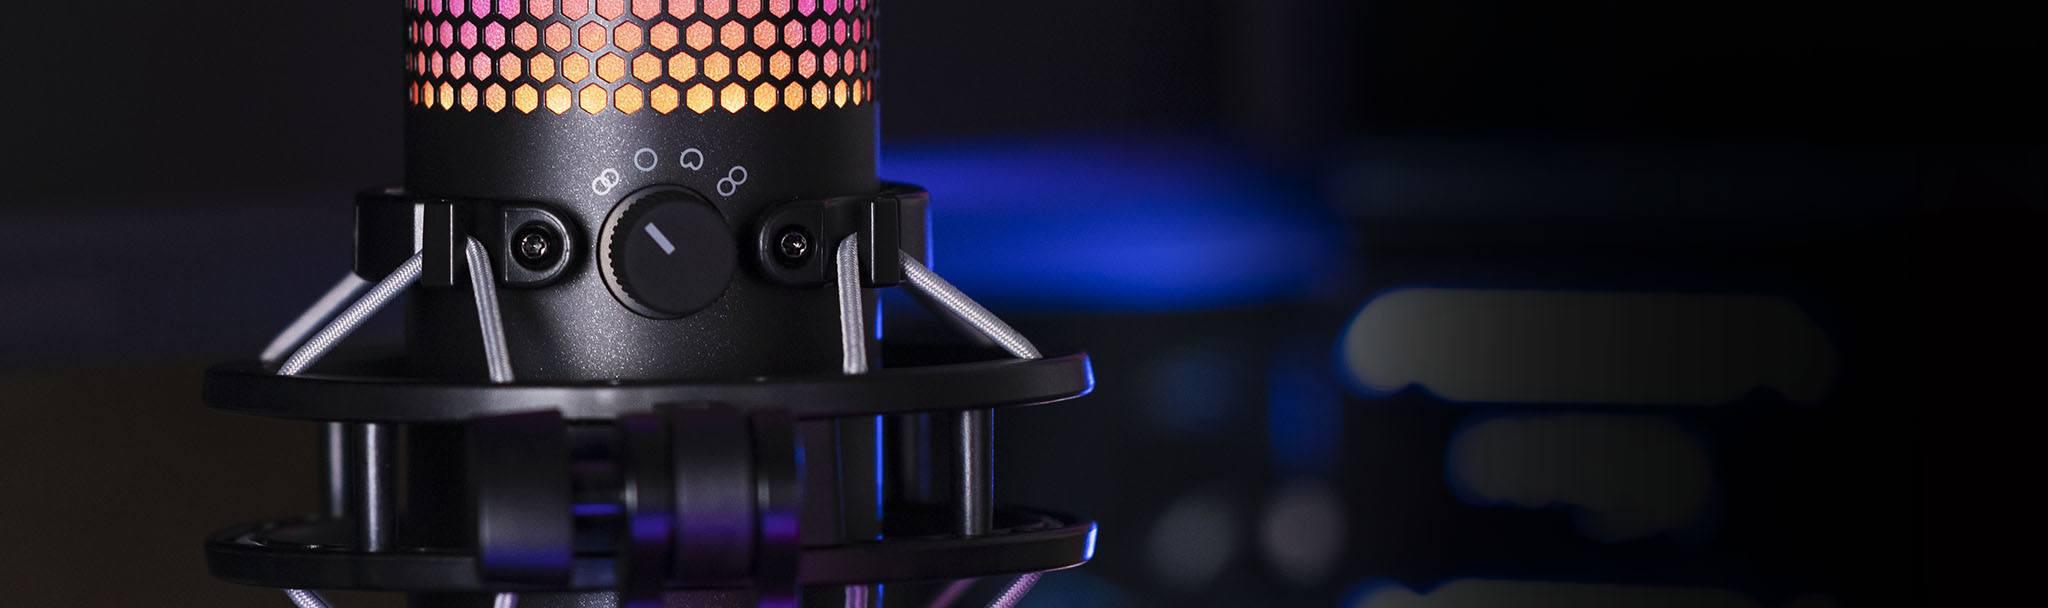 Microphone Kingston HyperX QuadCast S RGB - HMIQ1S-XX-RG/G có thể tuỳ chọn định dạng âm dễ dàng